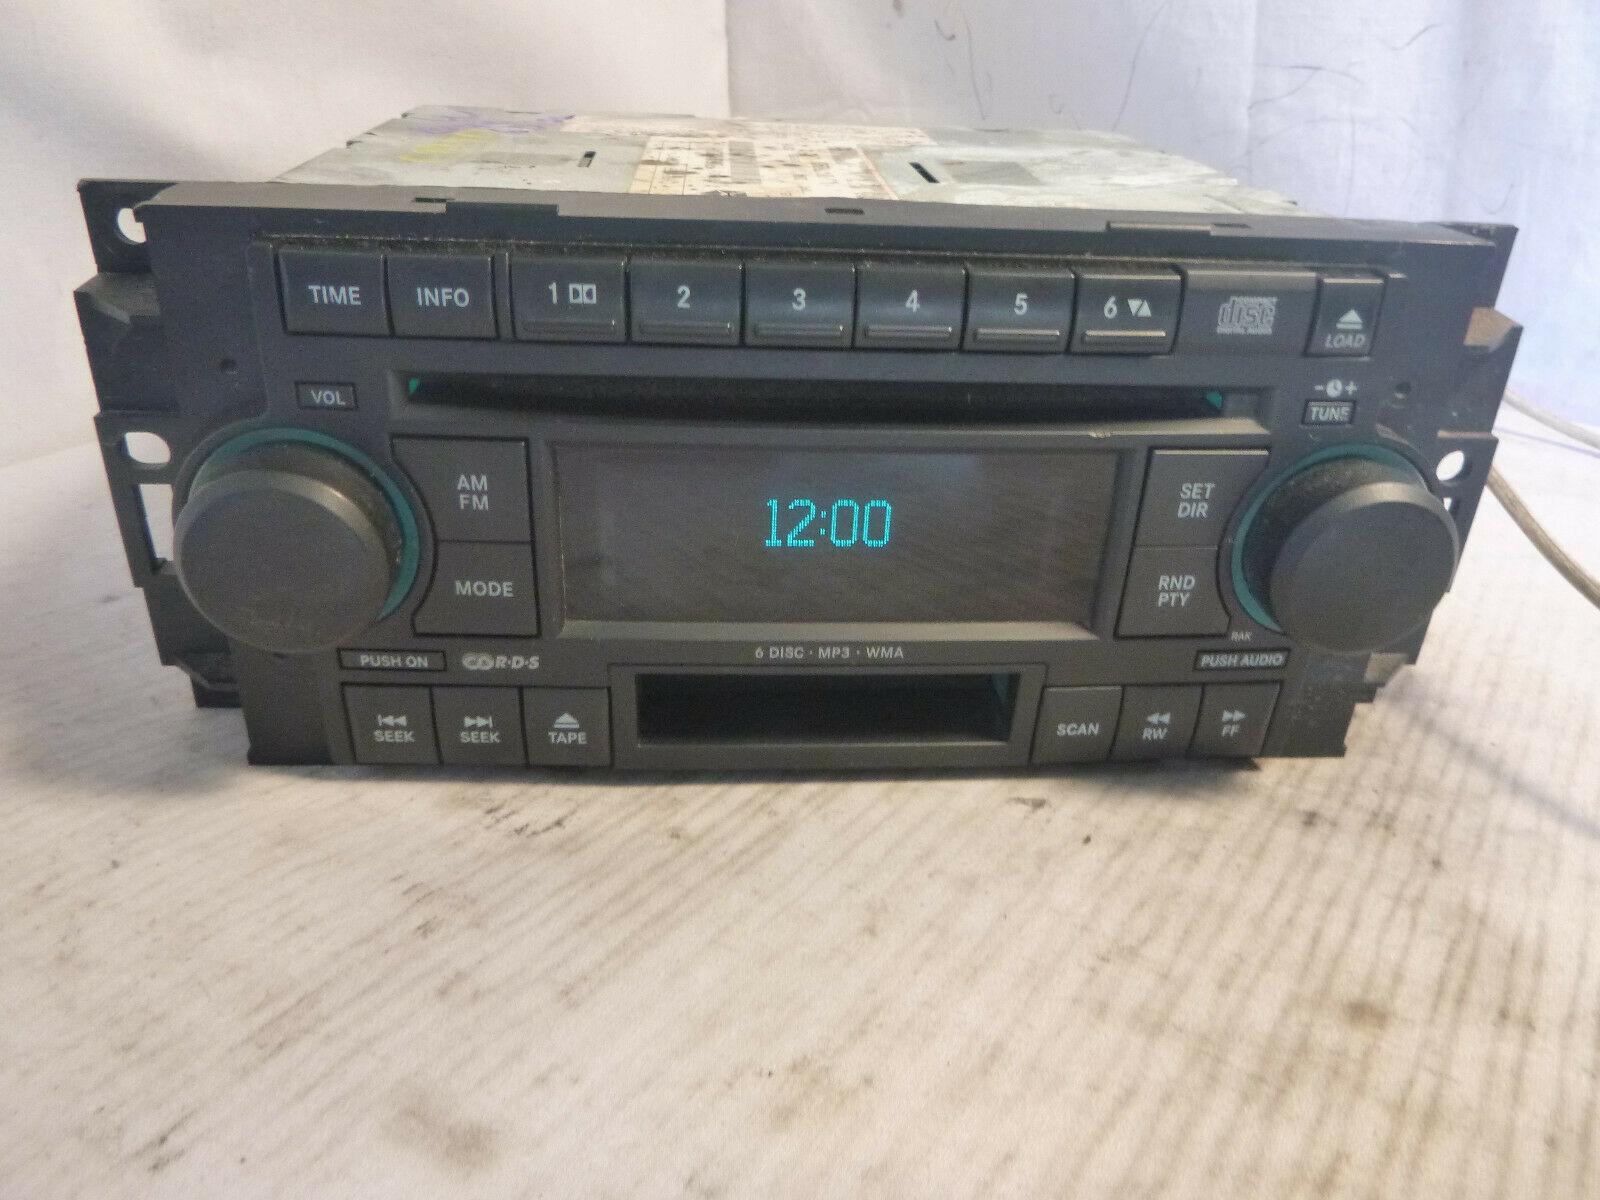 05-09 Chrysler Dodge RAK Radio 6 Disc Cd Mp3 Cassette Player P05091523AH RKV847